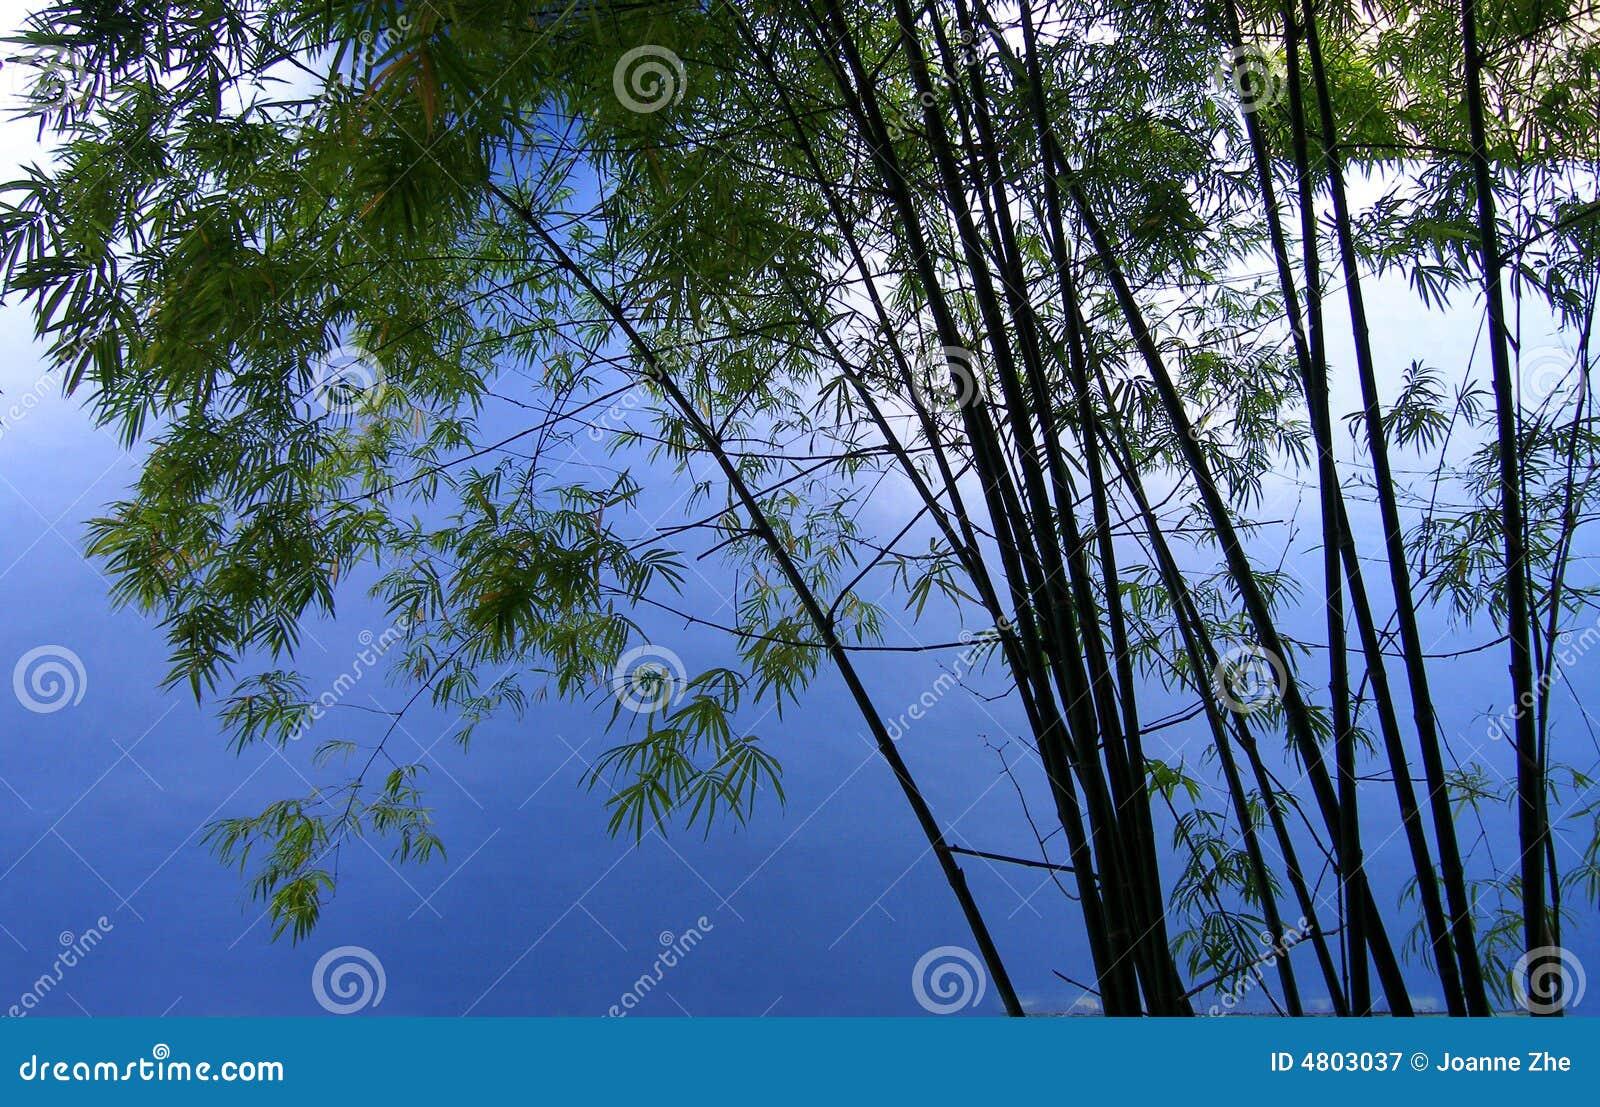 De bomen van het bamboe in bosje